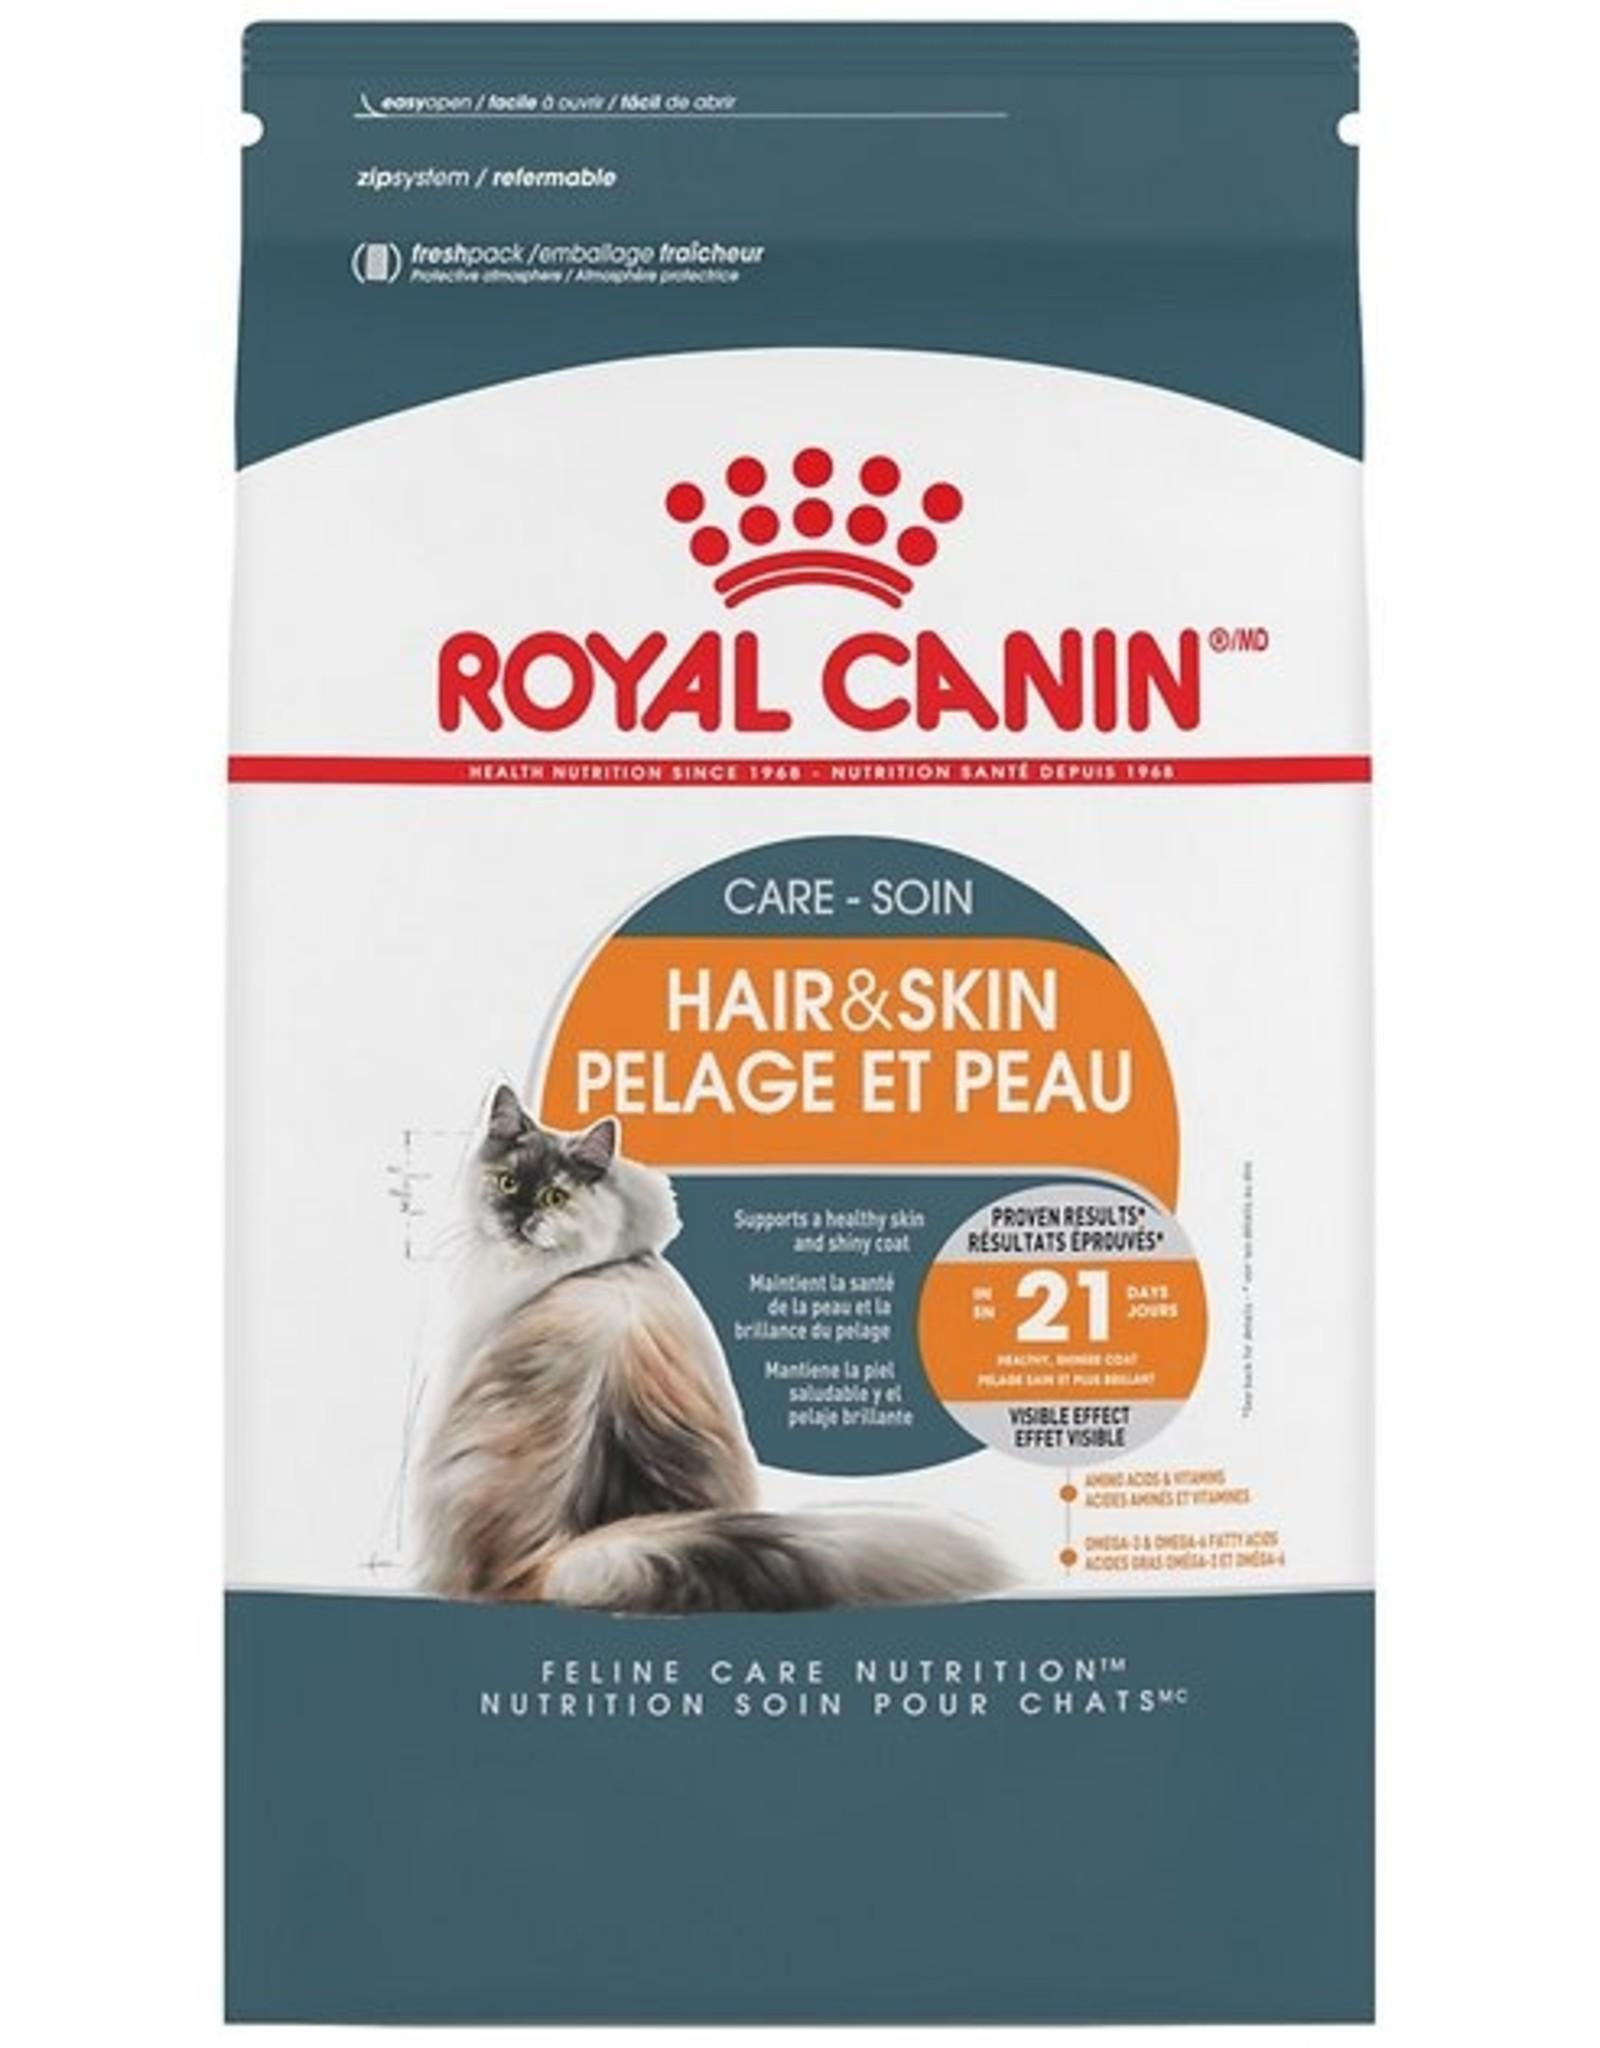 Royal Canin Royal Canin Cat Hair & Skin 7lb